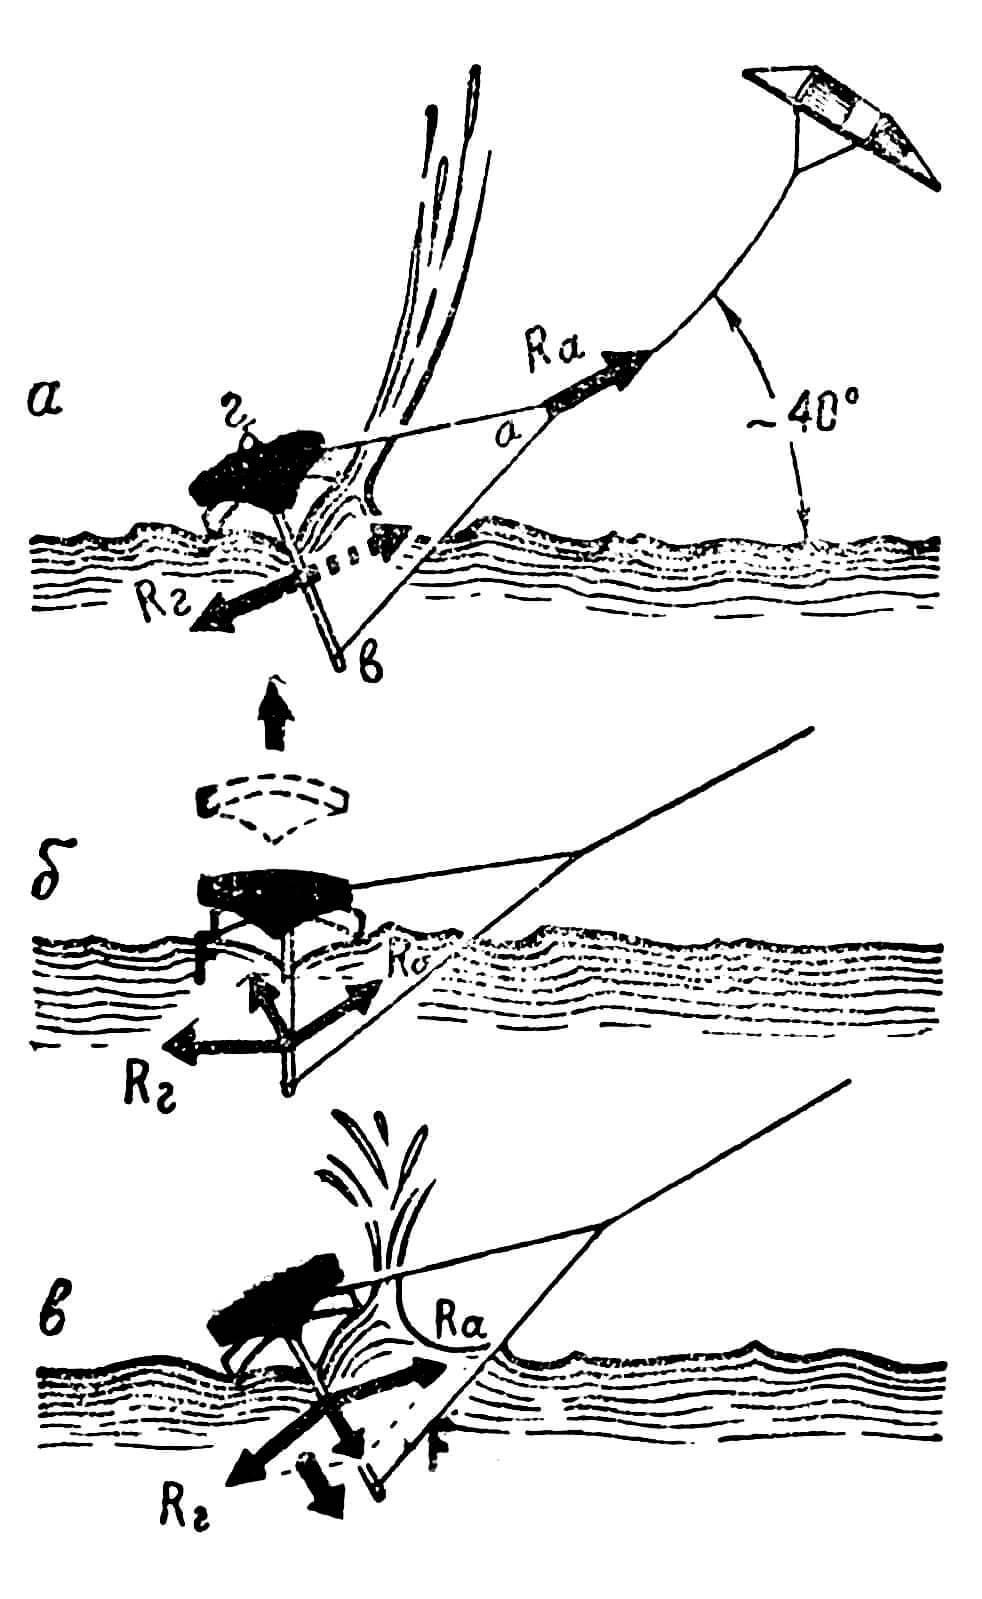 Рис. 4. Взаимодействие сил у модели со змейковым парусом (вид спереди): а — аэродинамическая сила Ra , передаваемая шнуром от змея, полностью уравновешивается гидродинамической силой Rг ; б — возникновение равнодействующей силы F, выталкивающей модель из воды при слишком длинной нижней нити; в — возникновение силы, затягивающей модель в воду, при слишком короткой нижней нити.